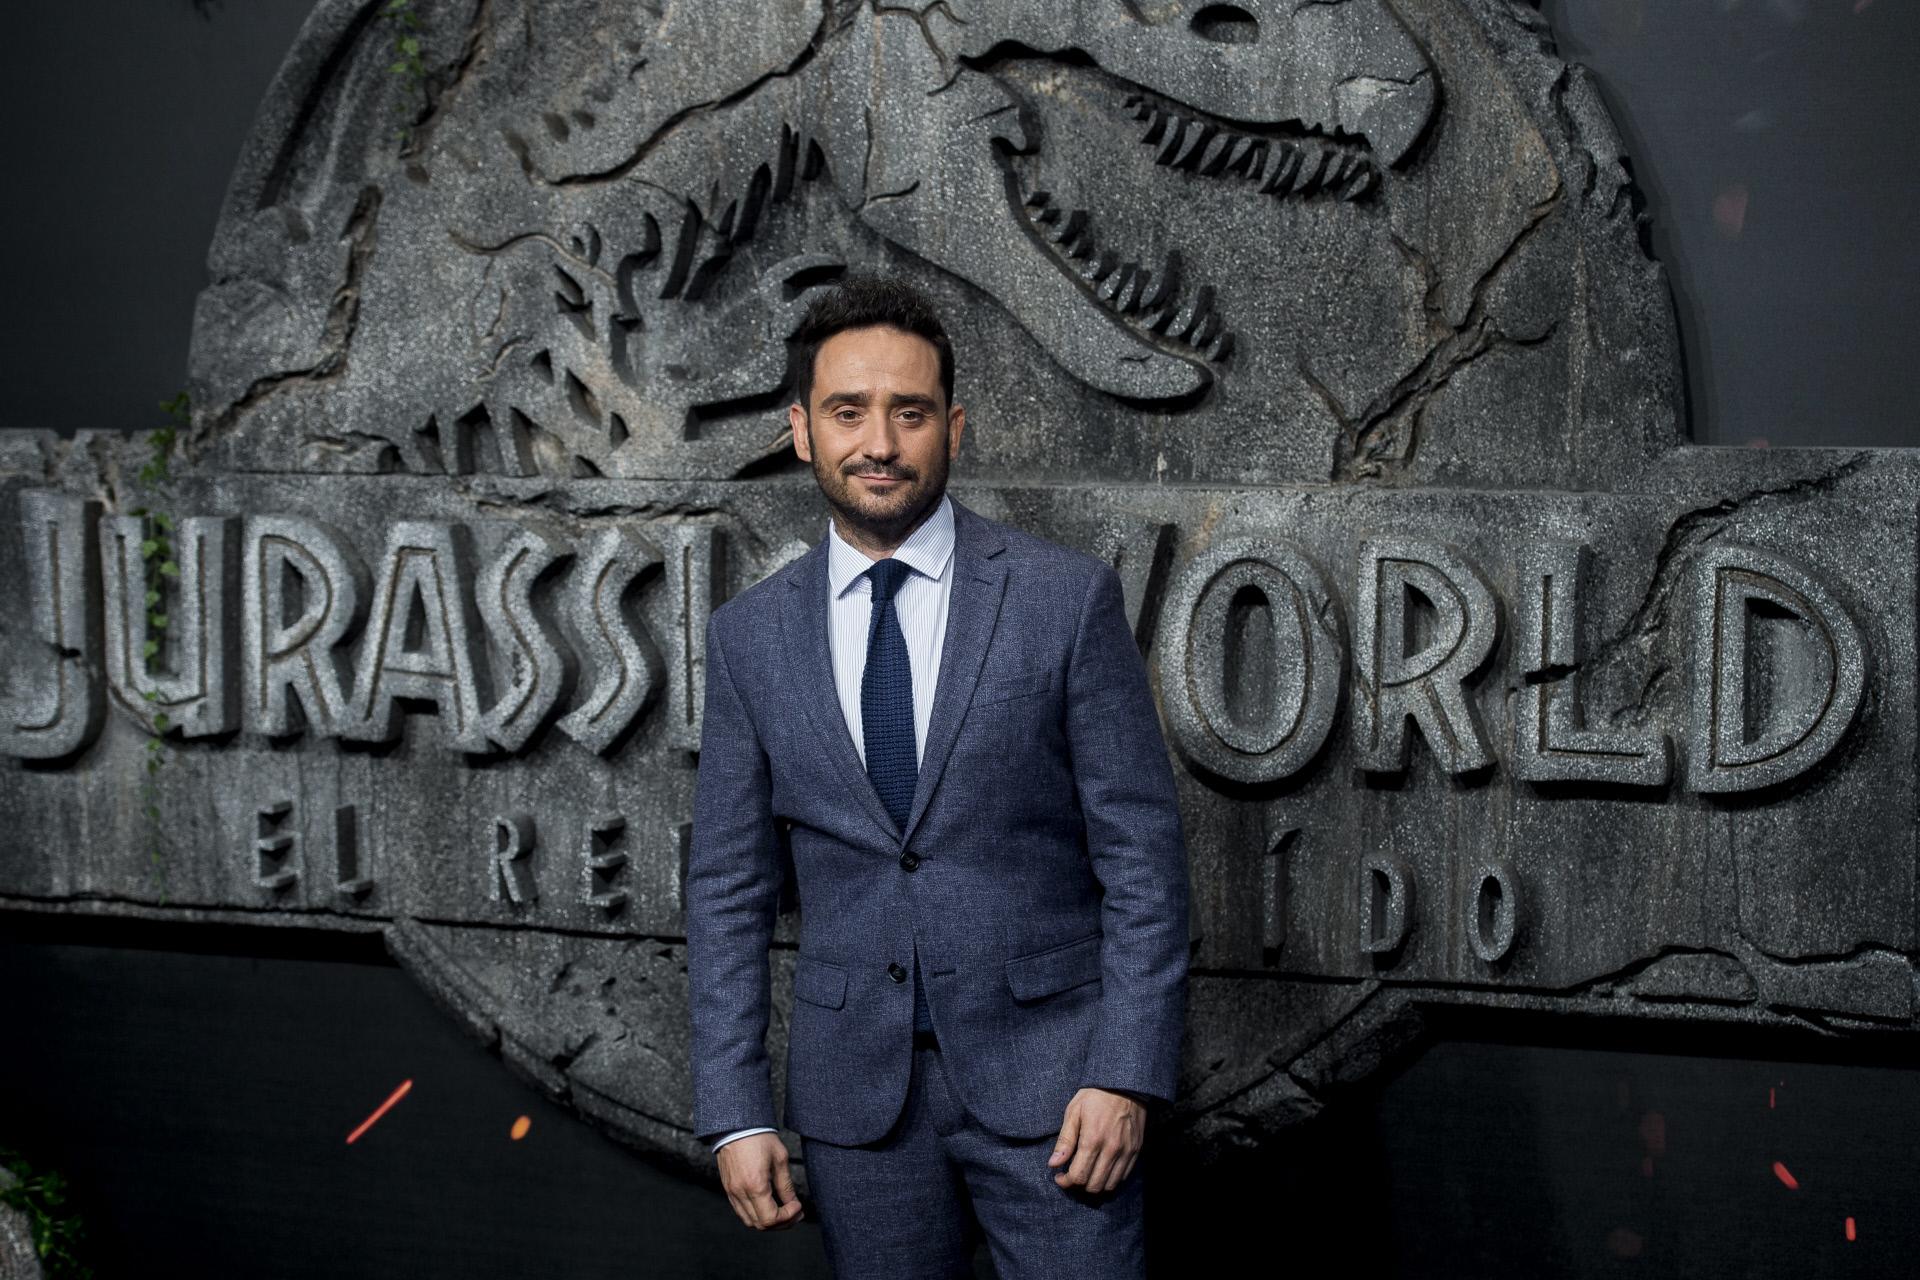 Juan Antonio Bayona dirige Jurassic World, El Reino Caído.